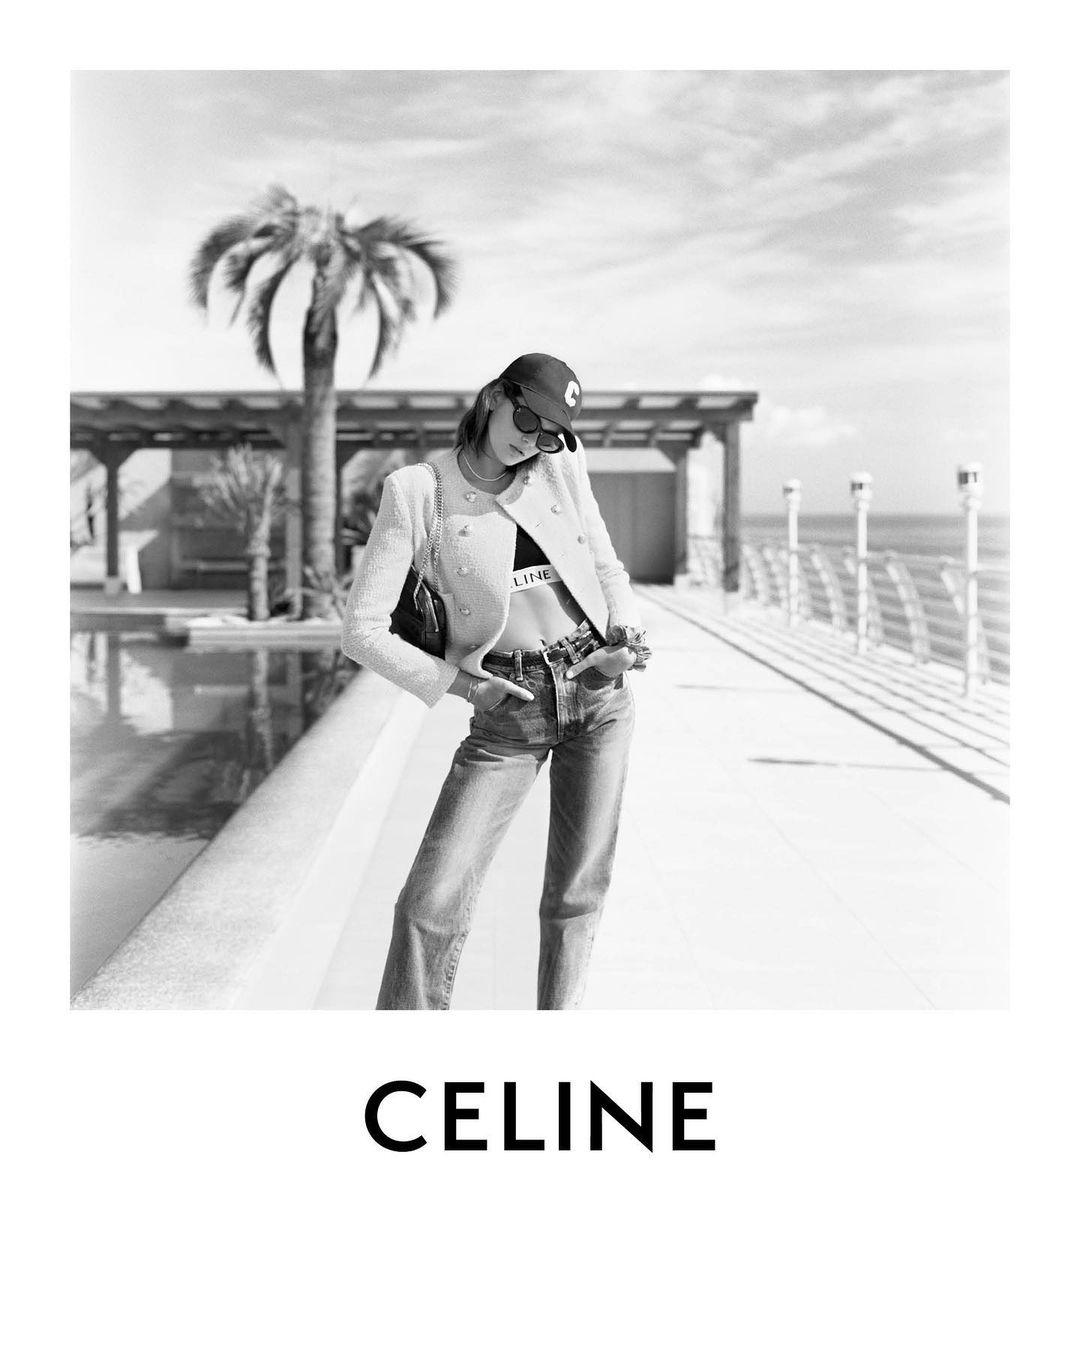 Дочь Синди Кроуфорд стала главной героиней рекламной кампании Celine (ФОТО) - фото №4